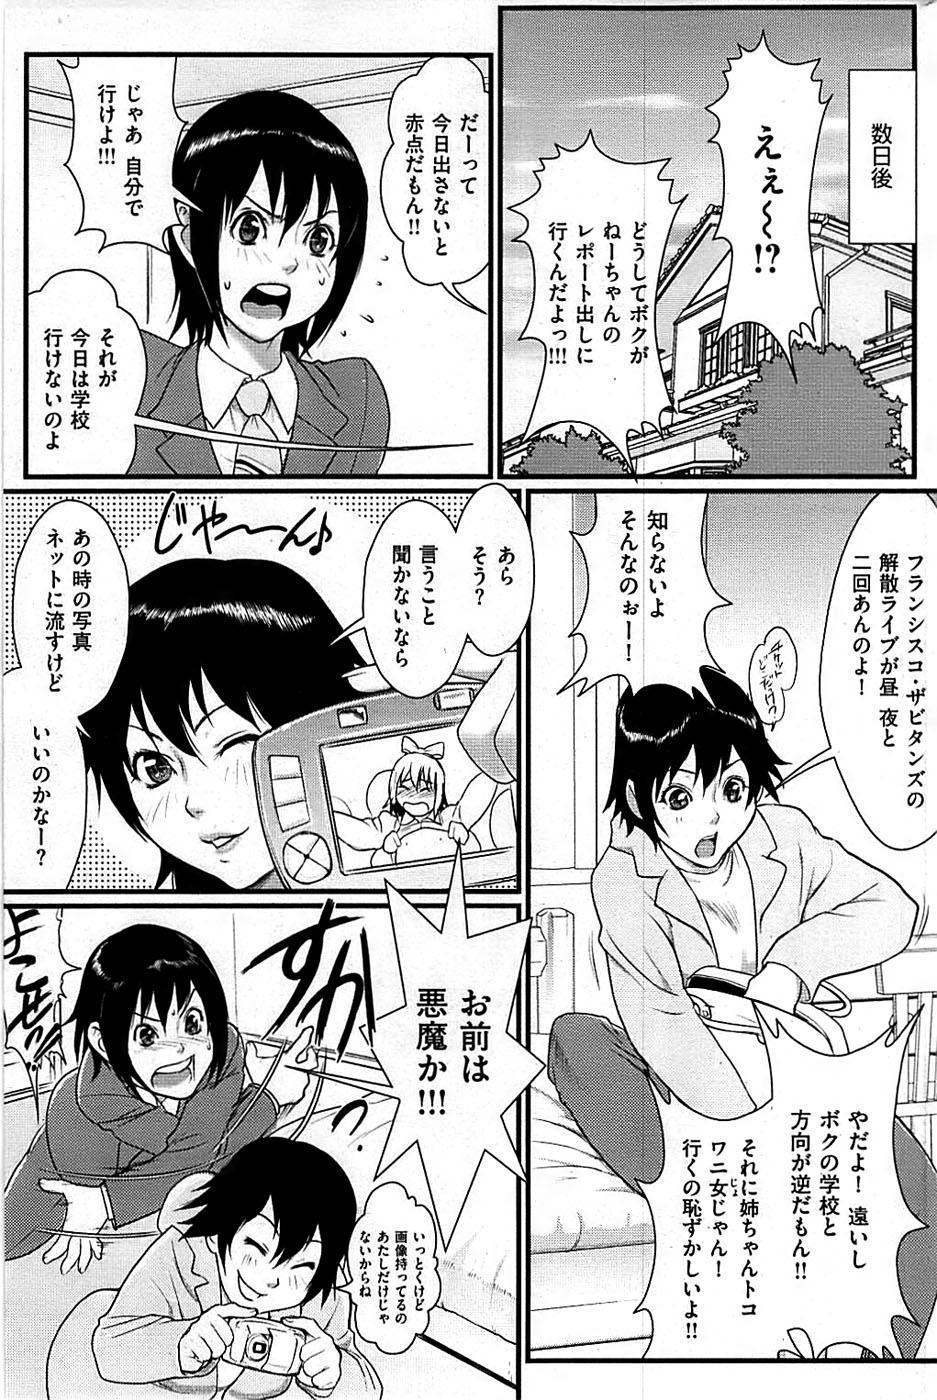 COMIC Shitsurakuten 2009-04 196